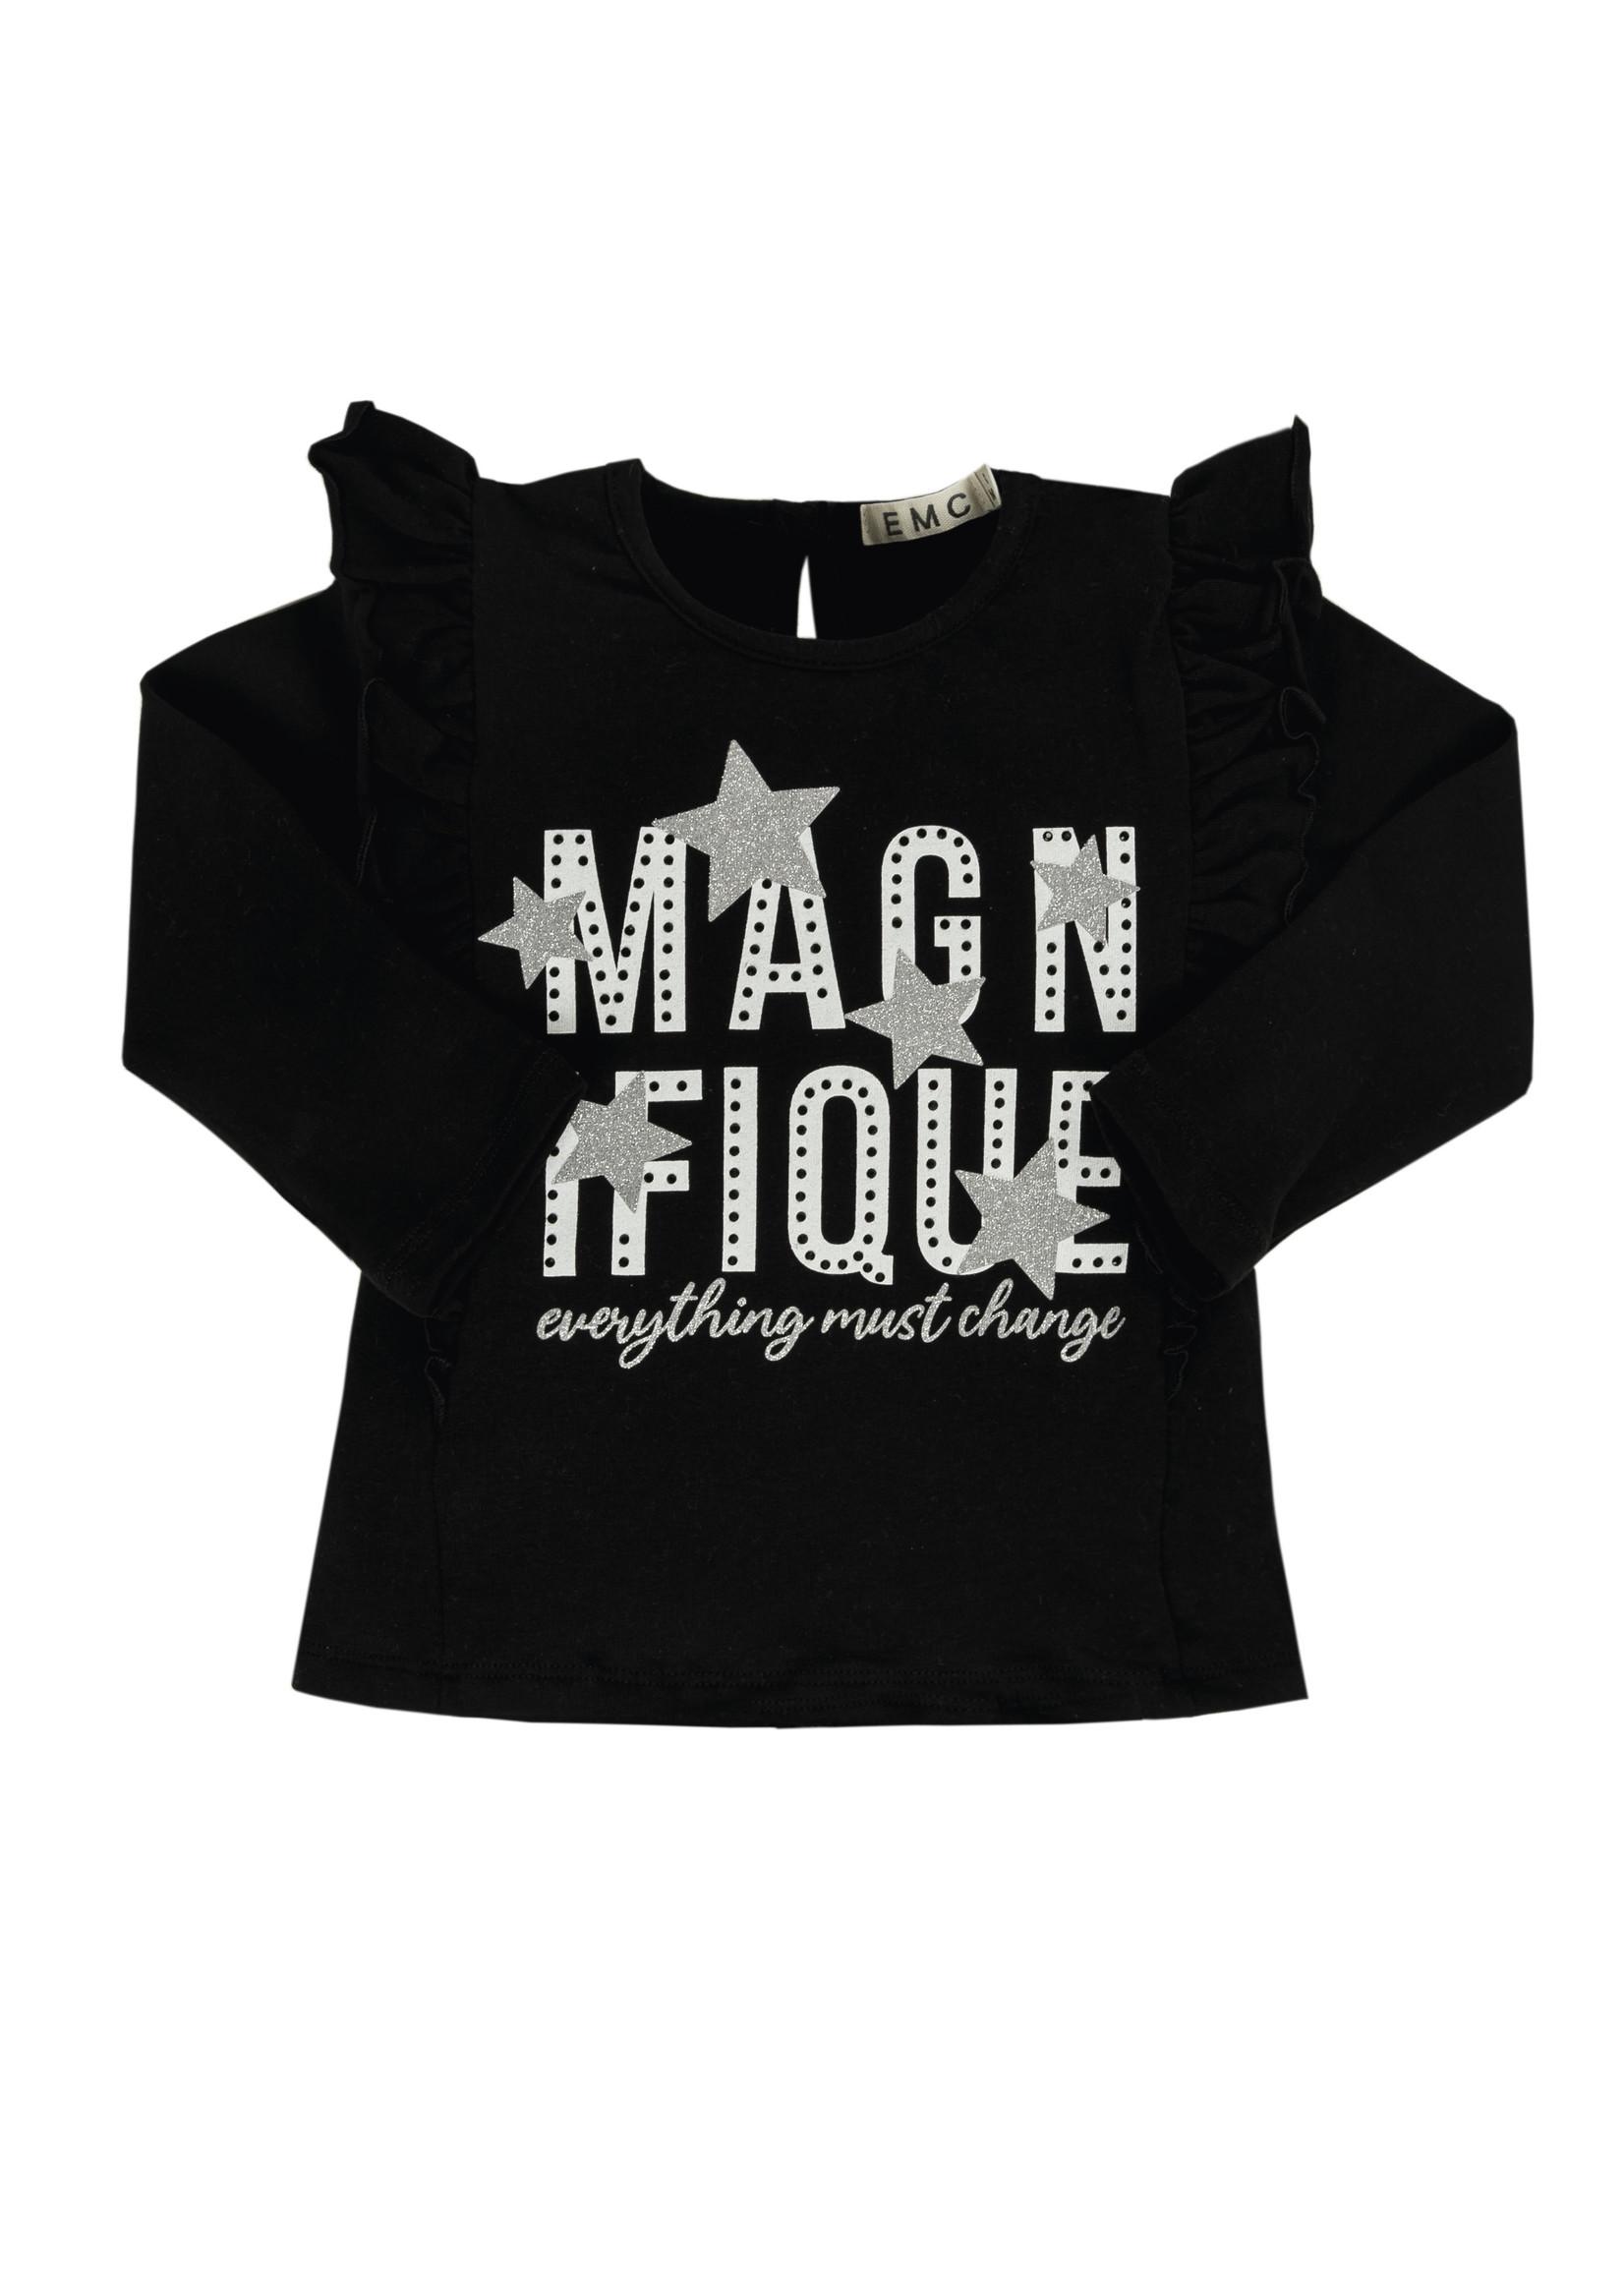 EMC EMC magnifique tshirt black